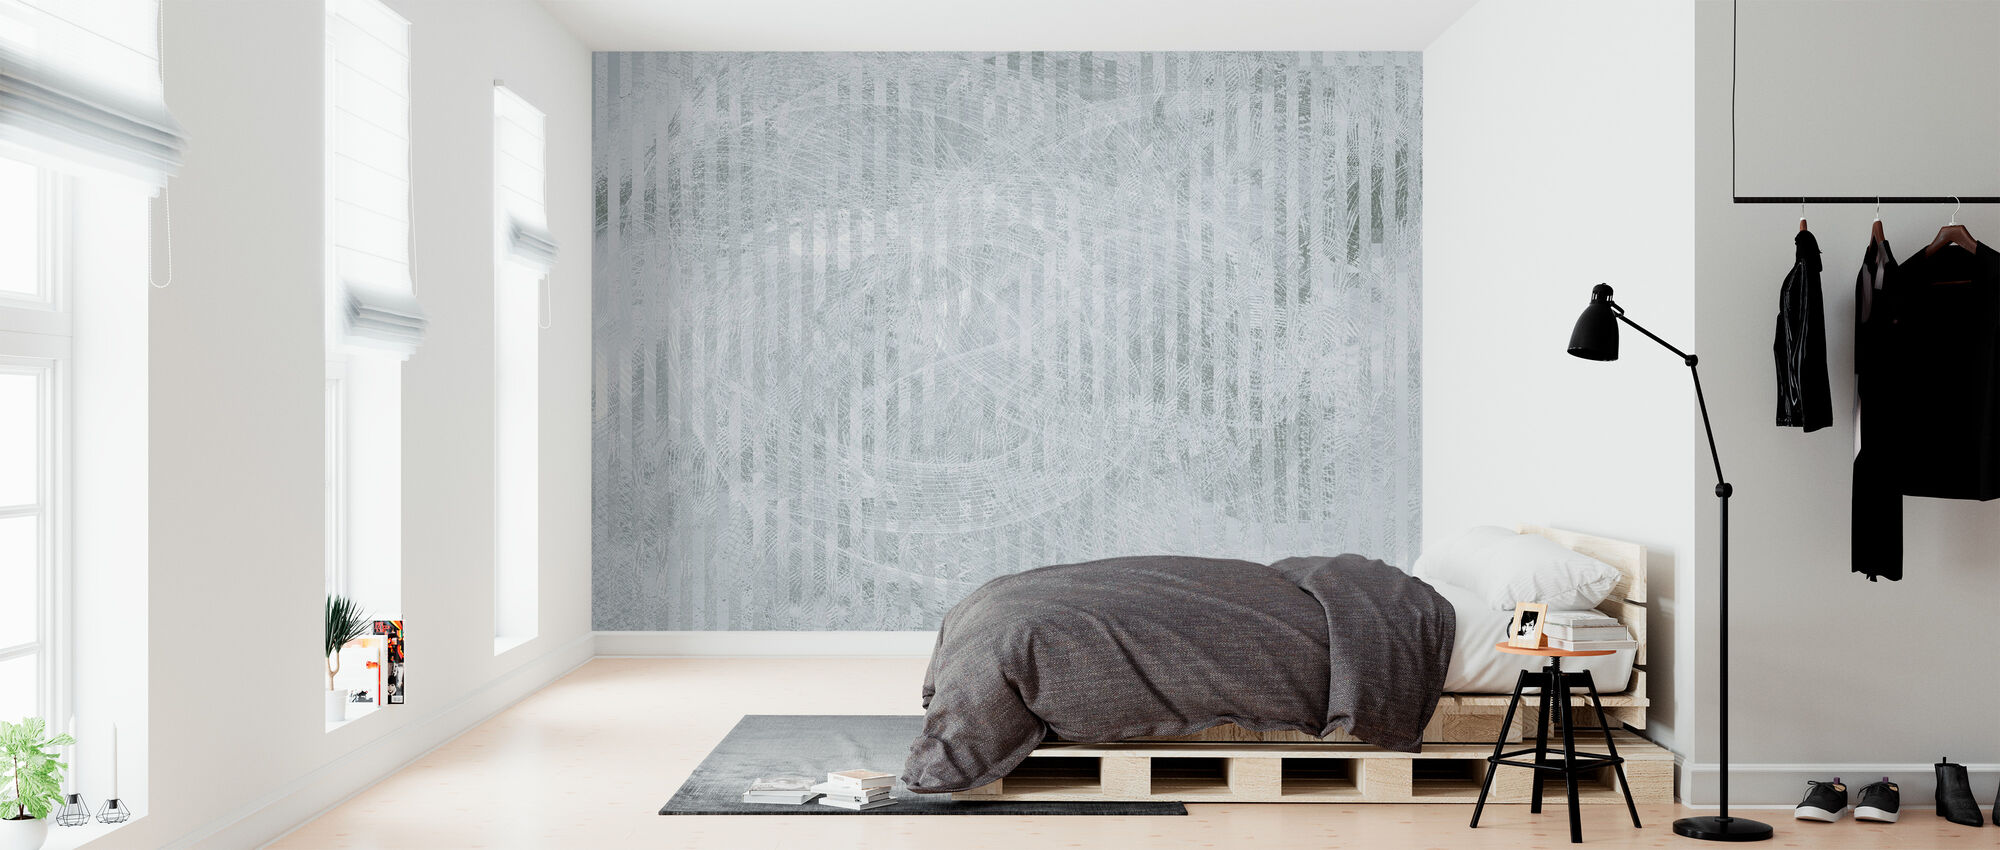 Specular Reflection - Grey Green - Wallpaper - Bedroom